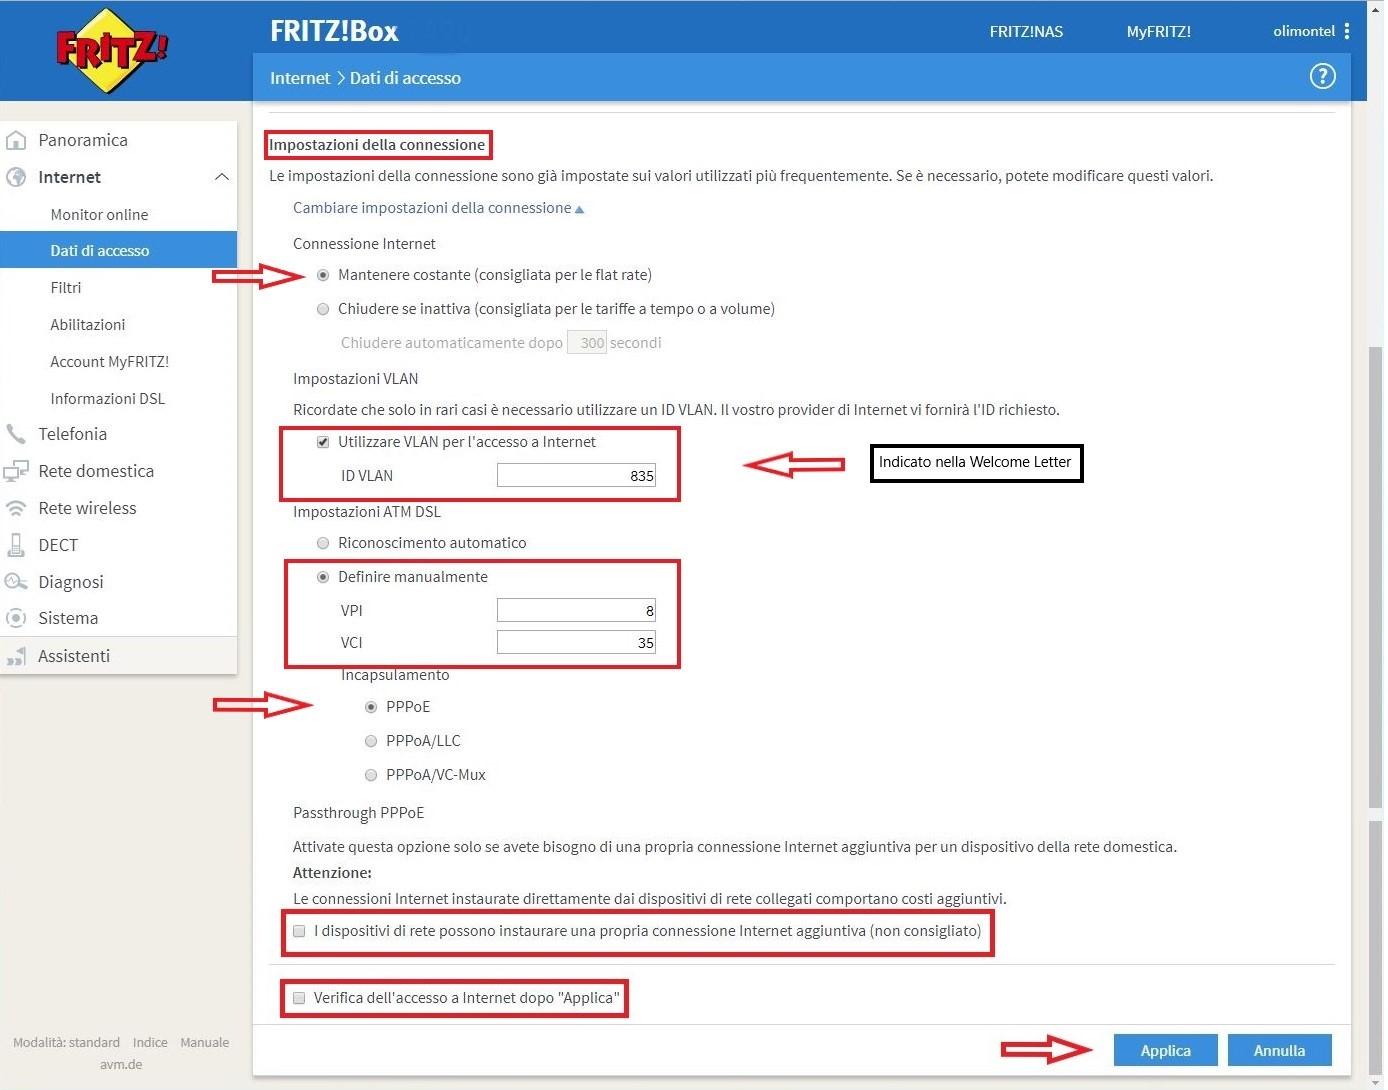 dati accesso FritzBox